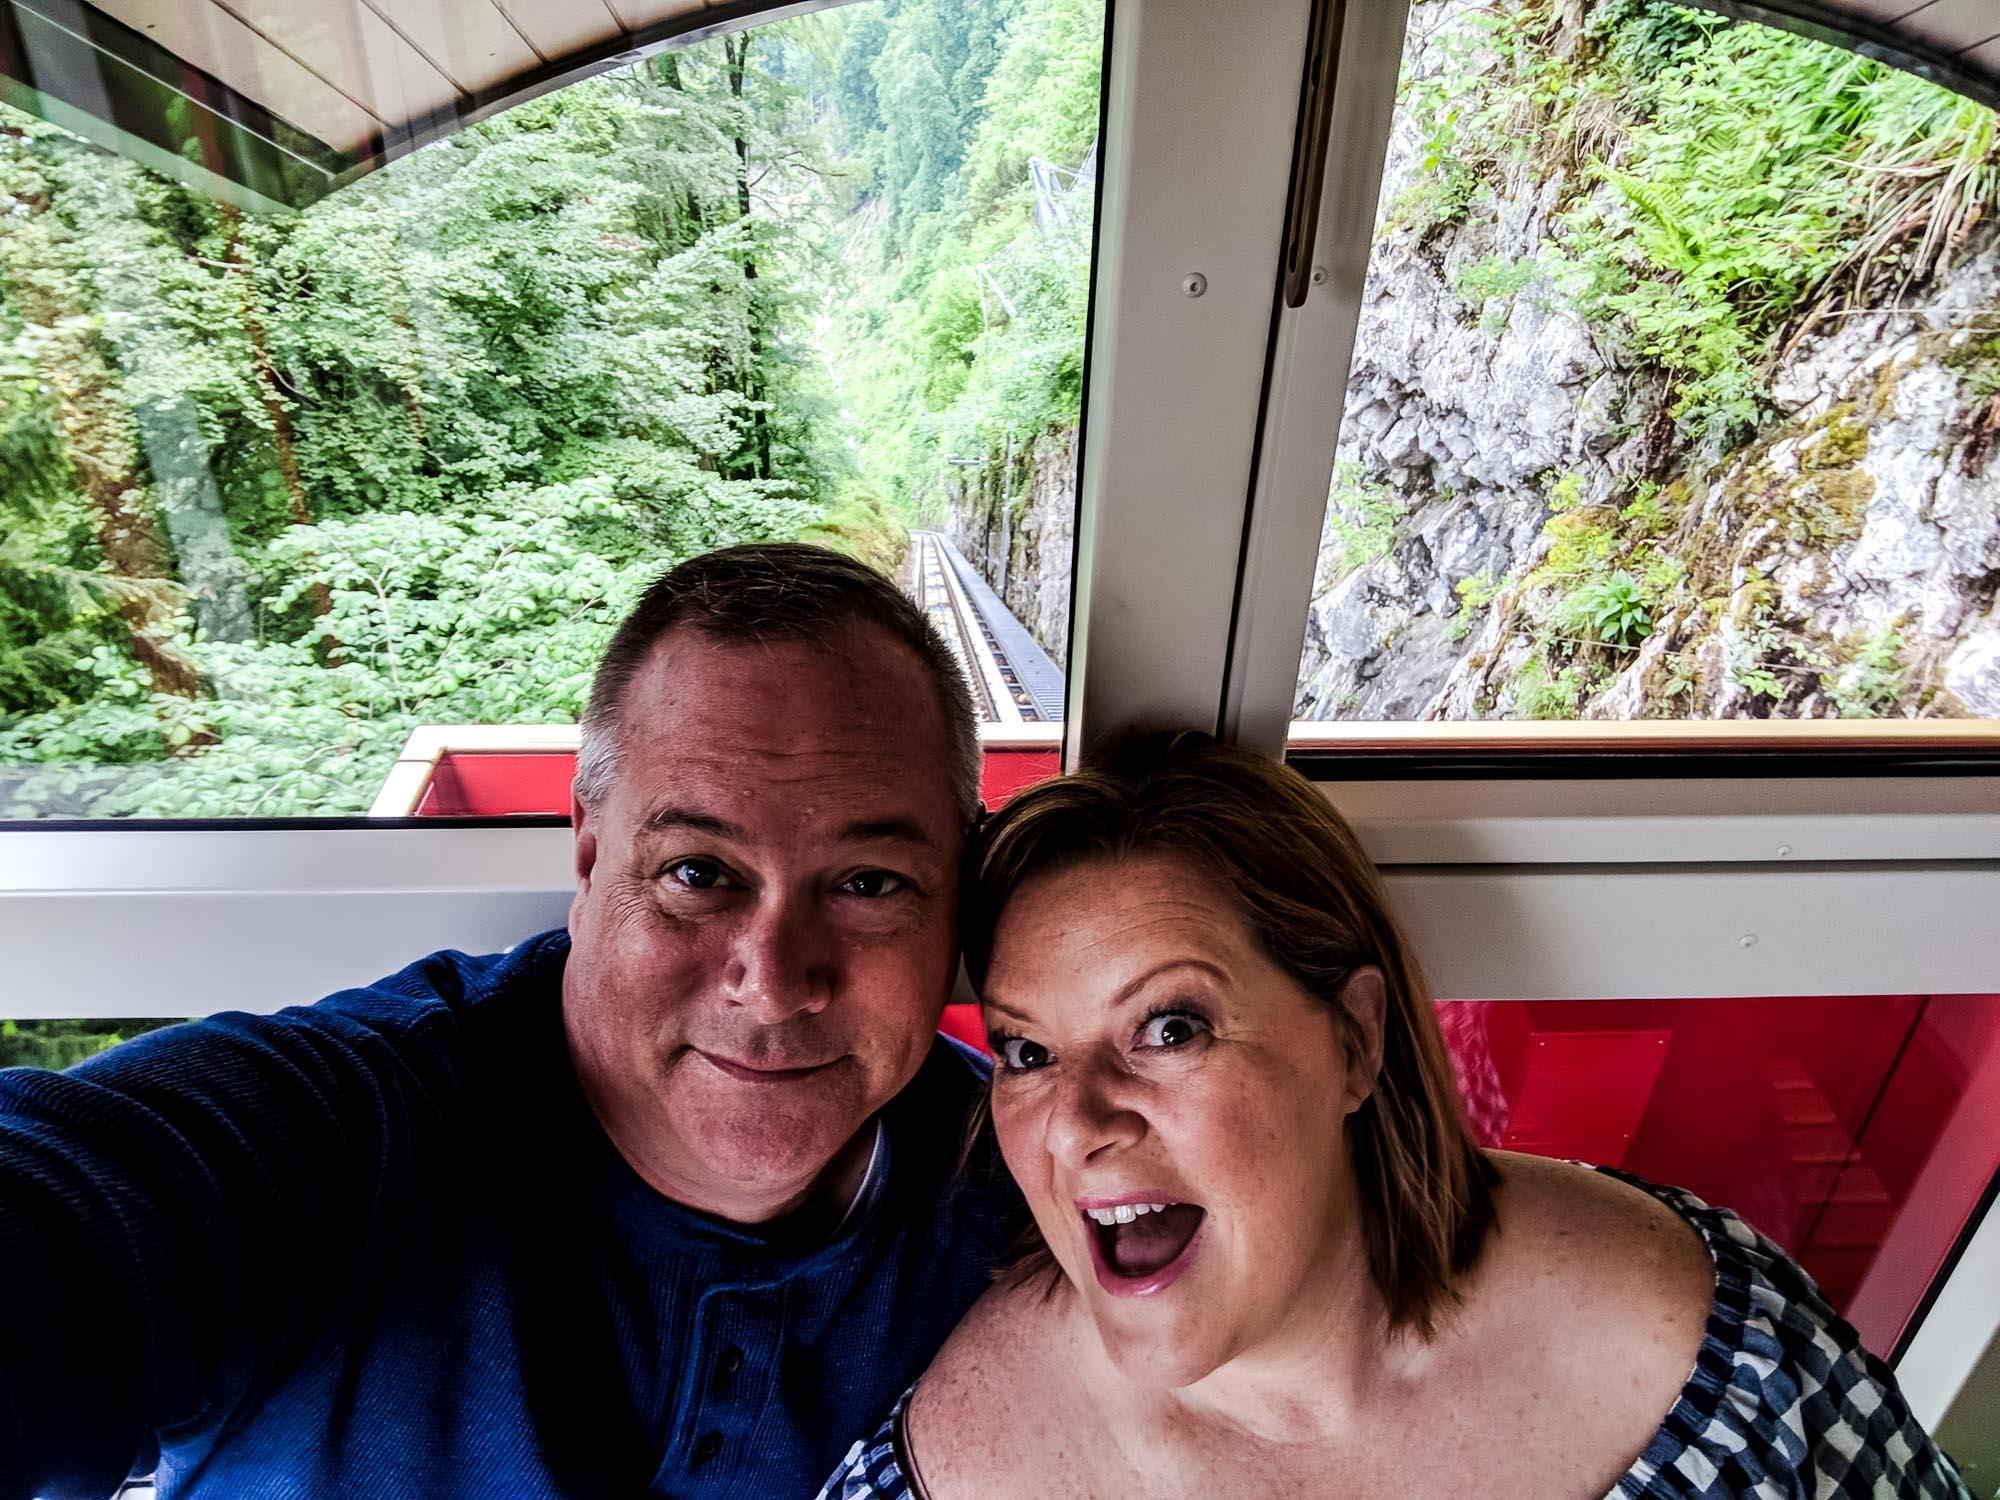 On the Hammetschwand Lift